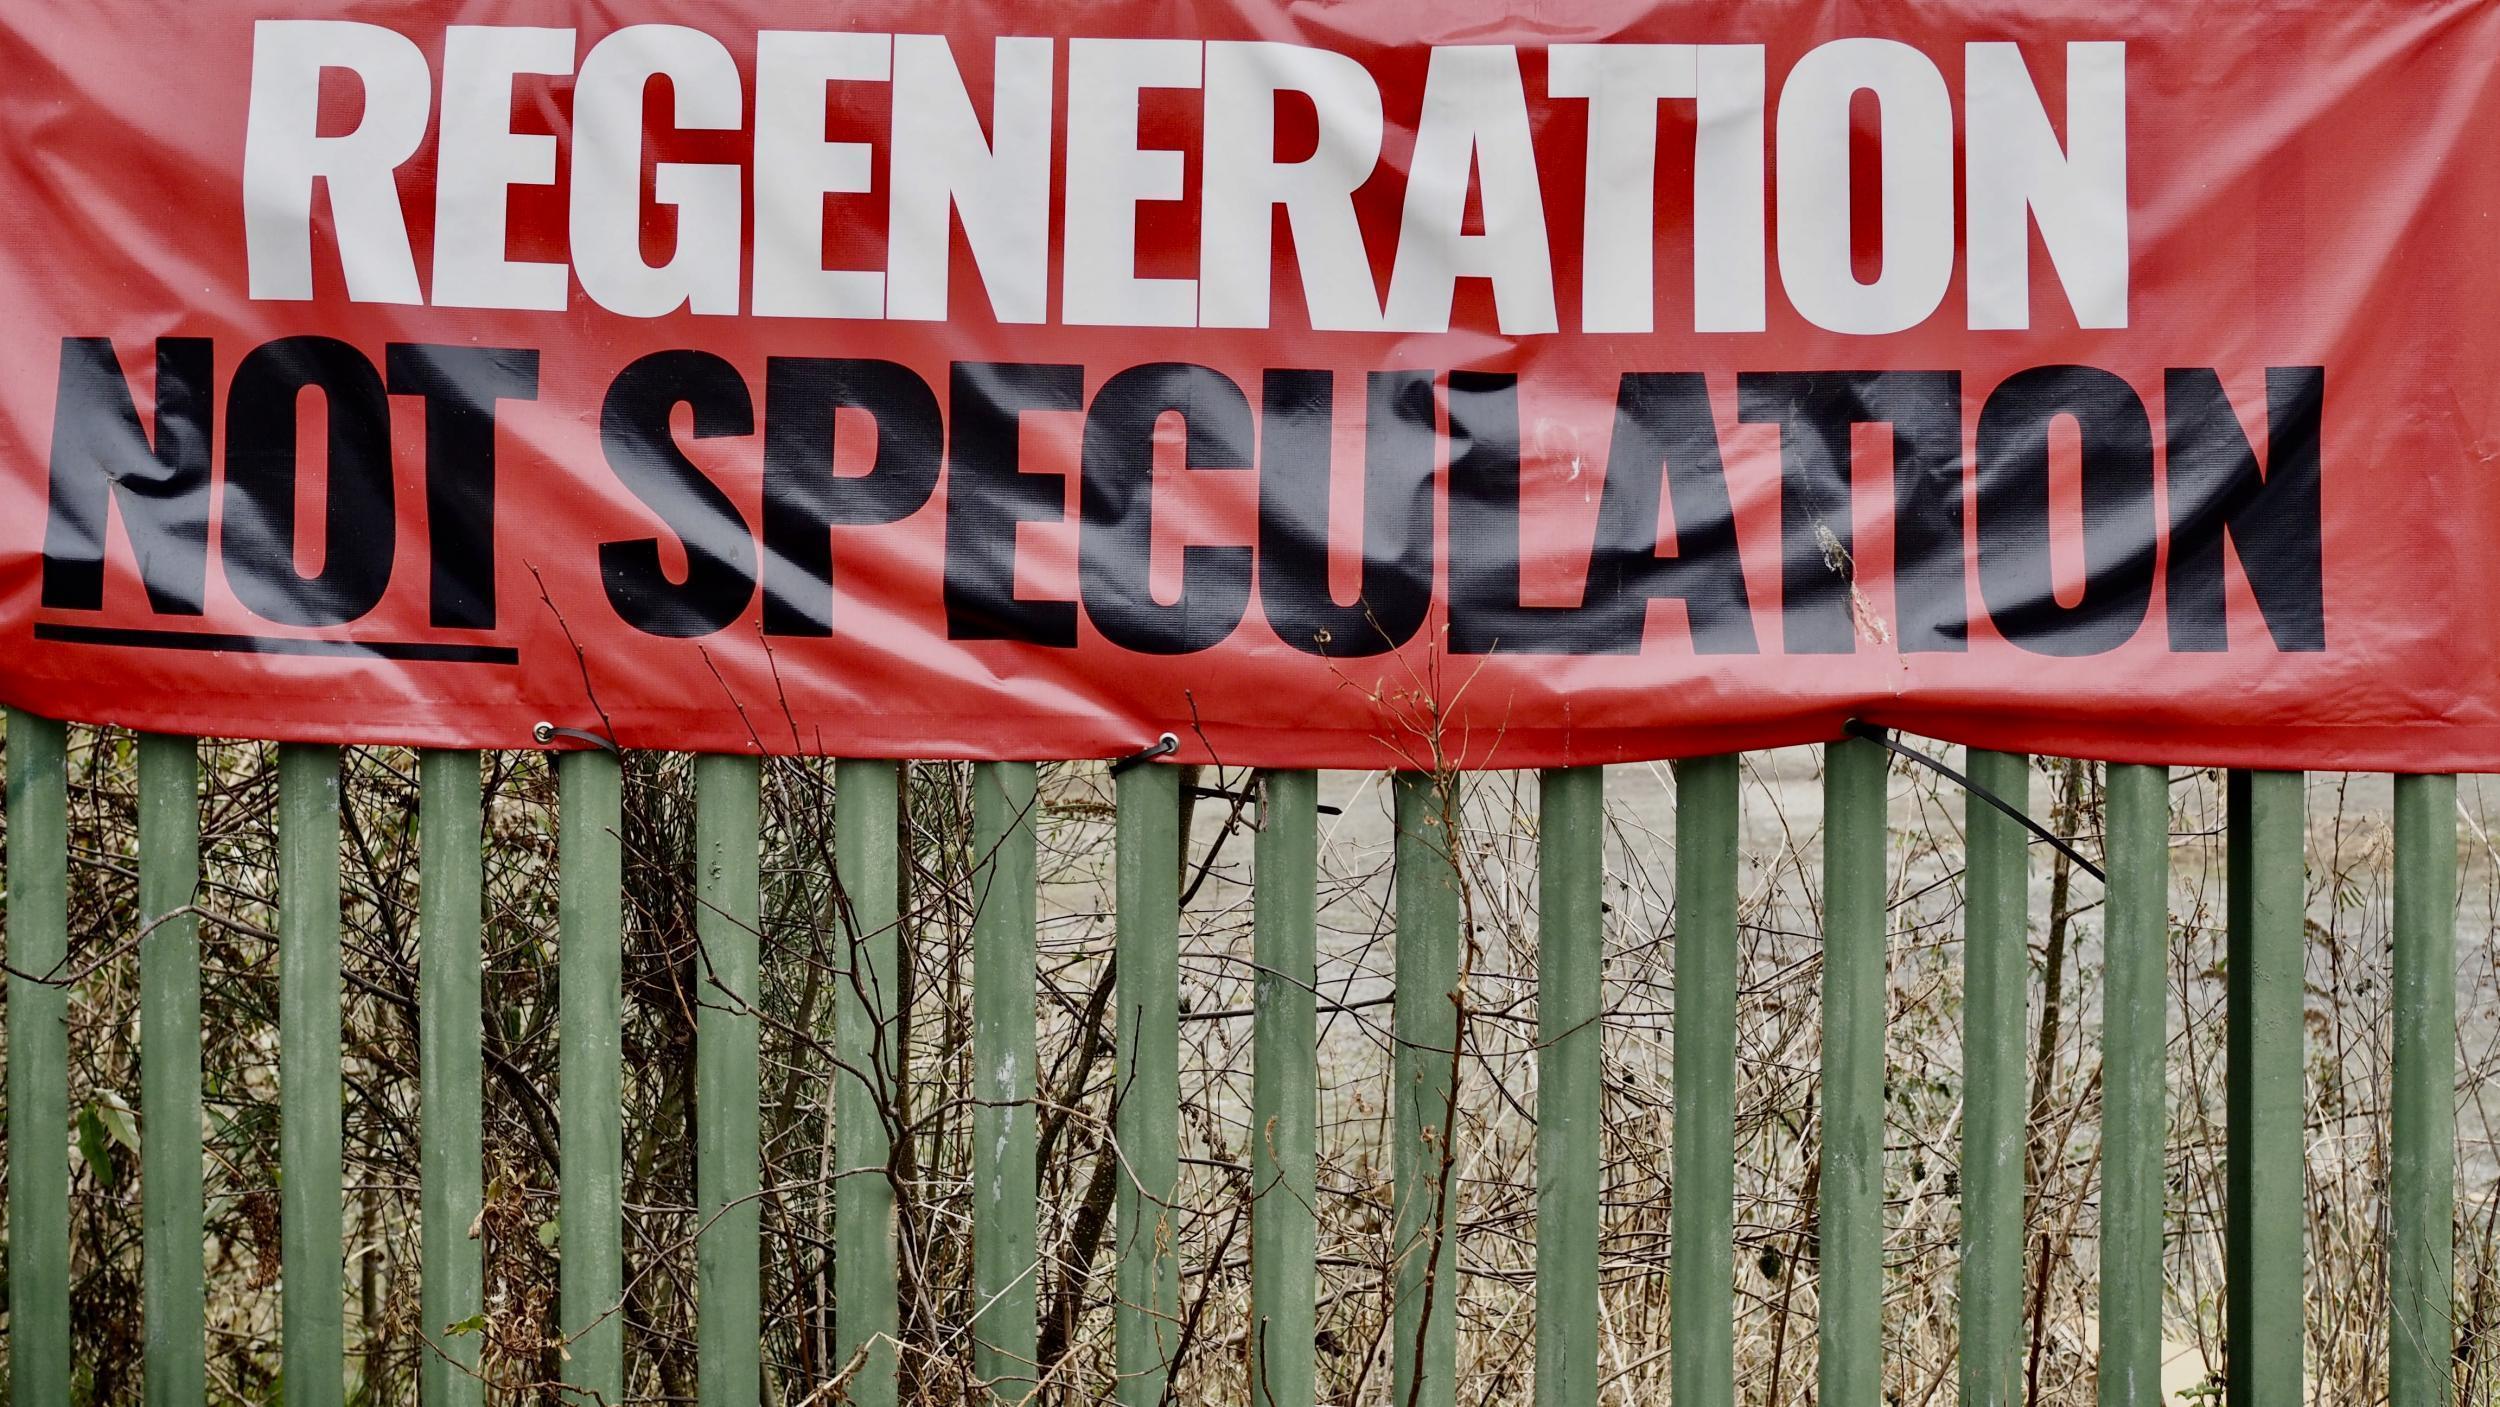 """Belfast: """"Renovációt, nem spekulációt"""" – Egy gazdátlan földterület kapuja, ahol semmi nem épül, semmit nem terveznek, és ahol egy molinó követeli, hogy alkossanak valami újat. (Richard Morgan / The Independent)"""